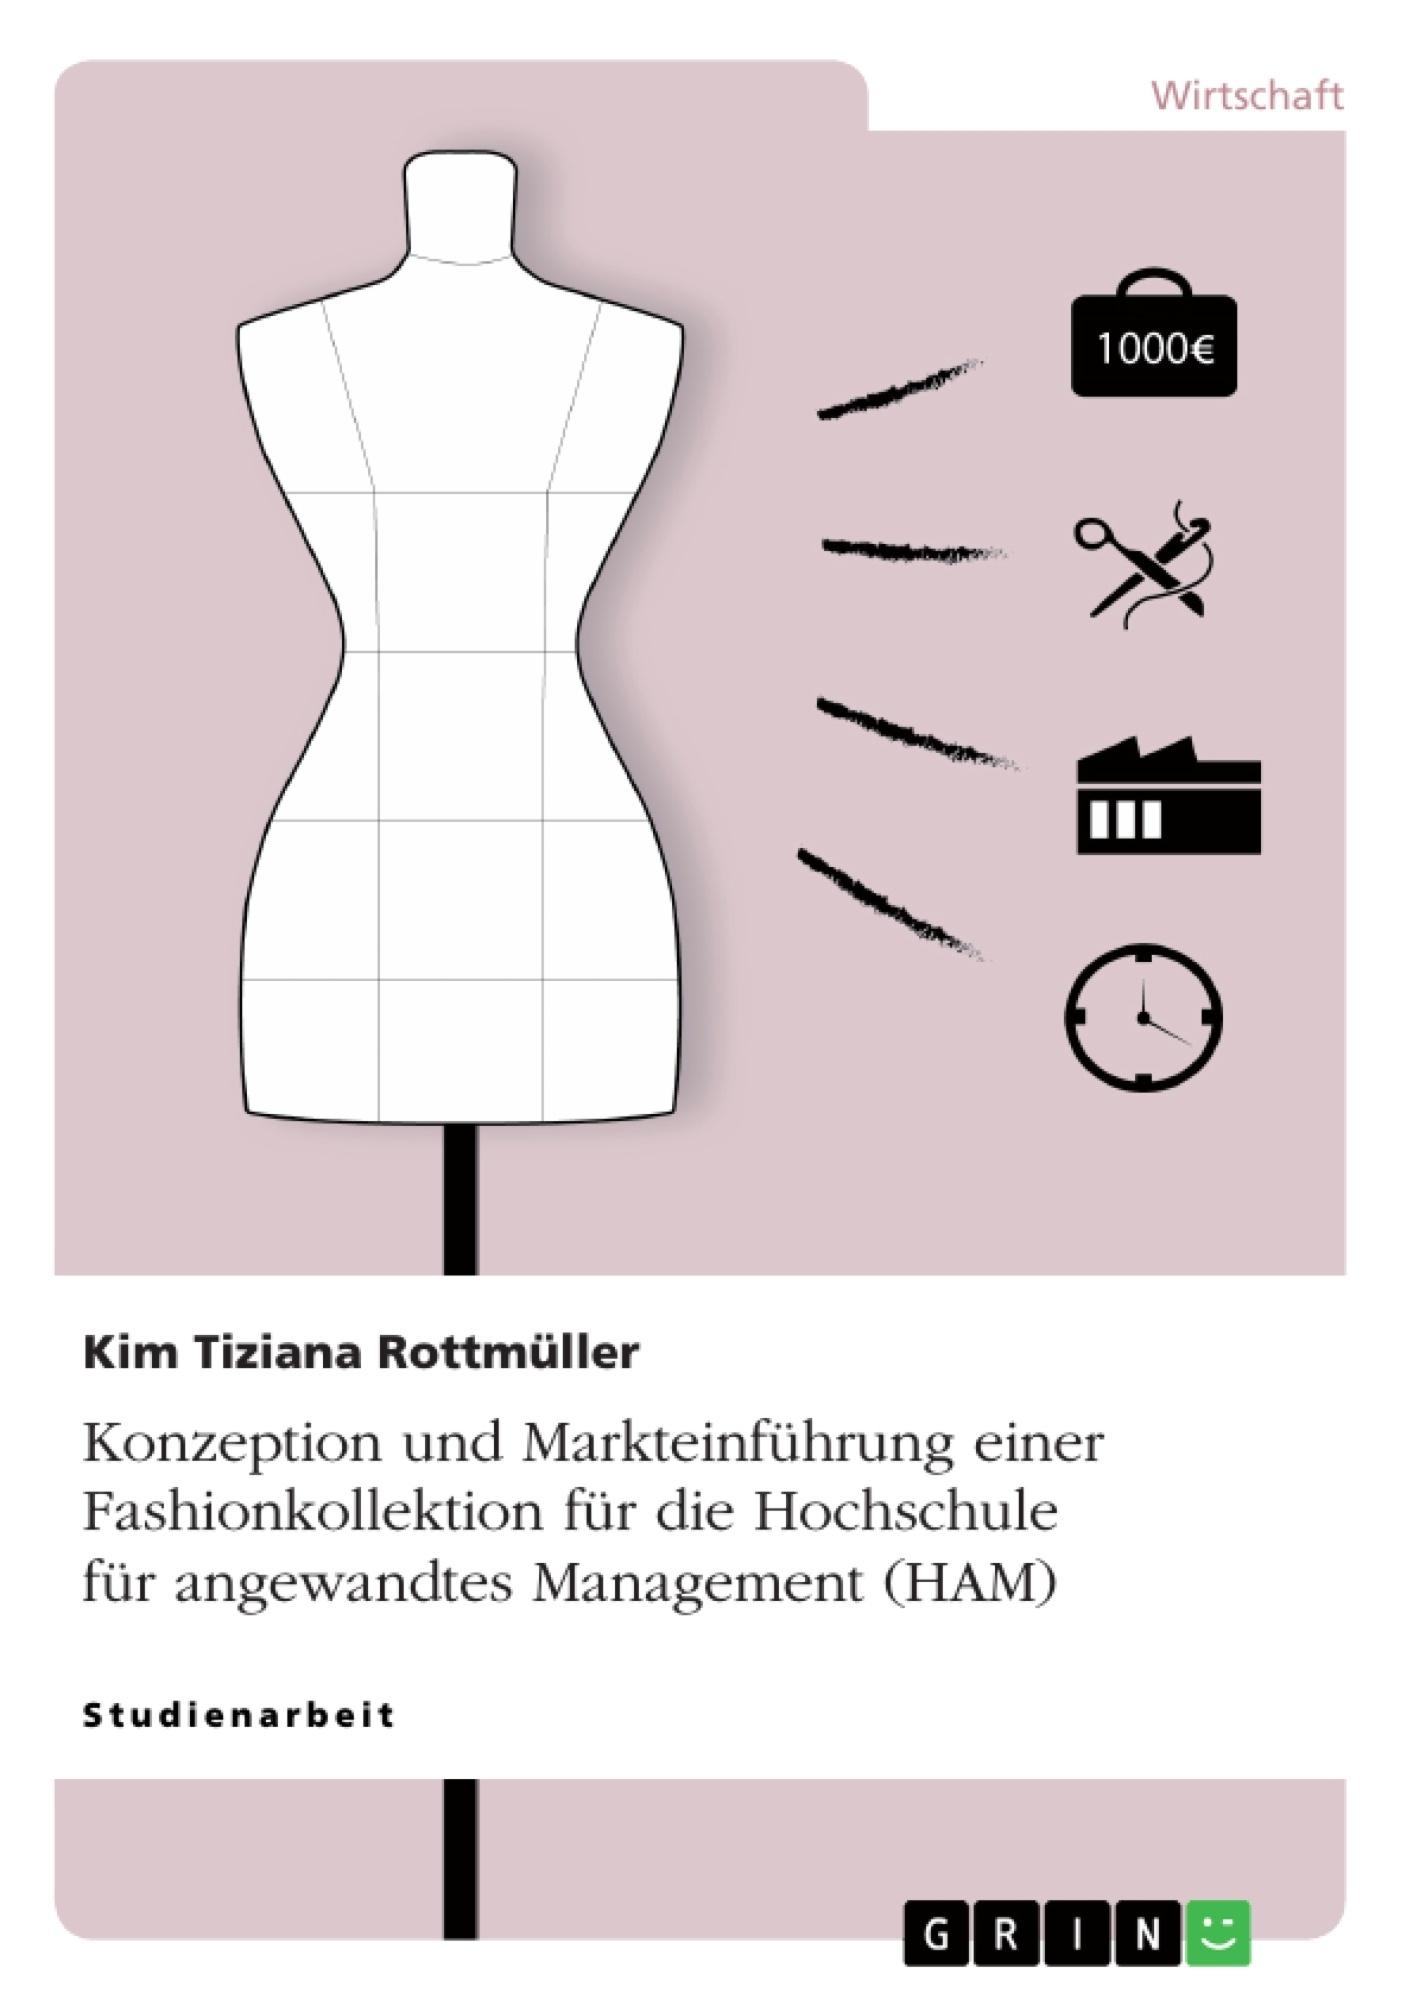 Titel: Konzeption und Markteinführung einer Fashionkollektion für die Hochschule für angewandtes Management (HAM)